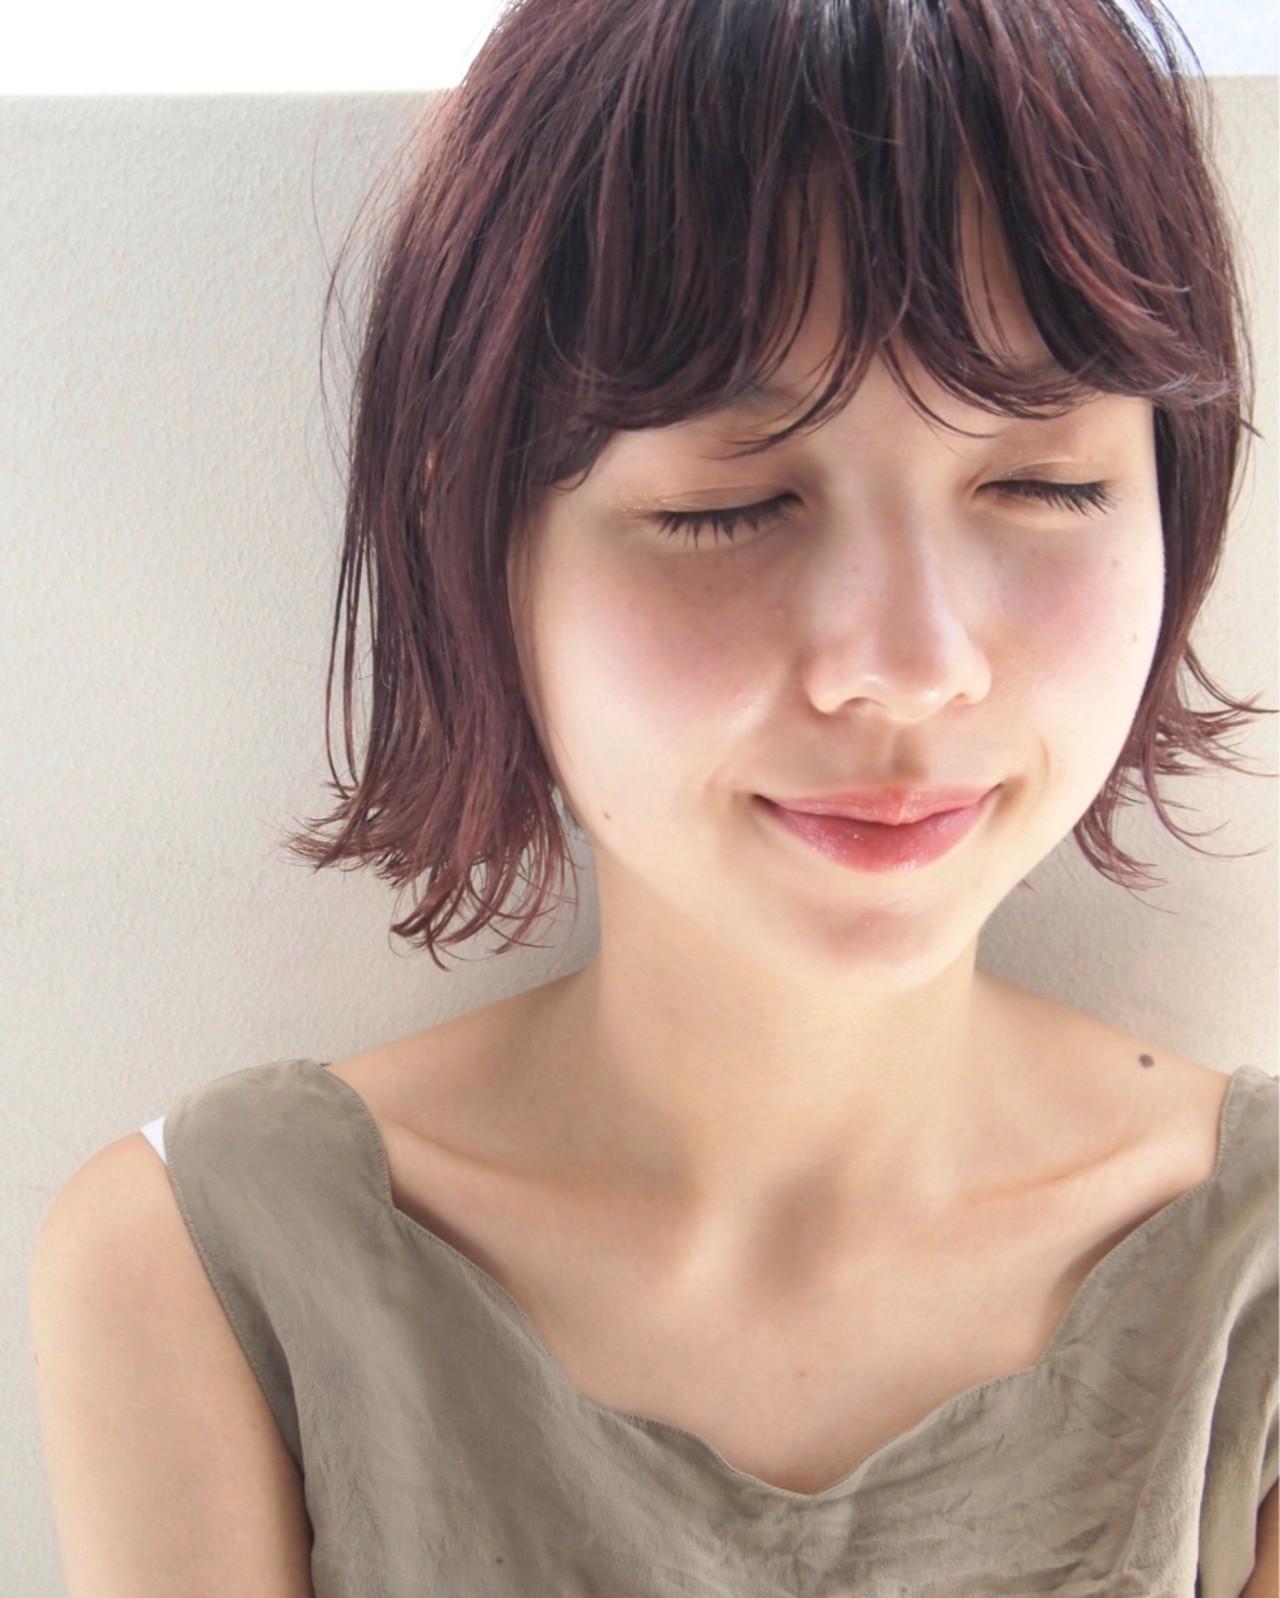 幼いなんて言わせない!丸顔さんに似合うショートボブとは UEKI/nanuk